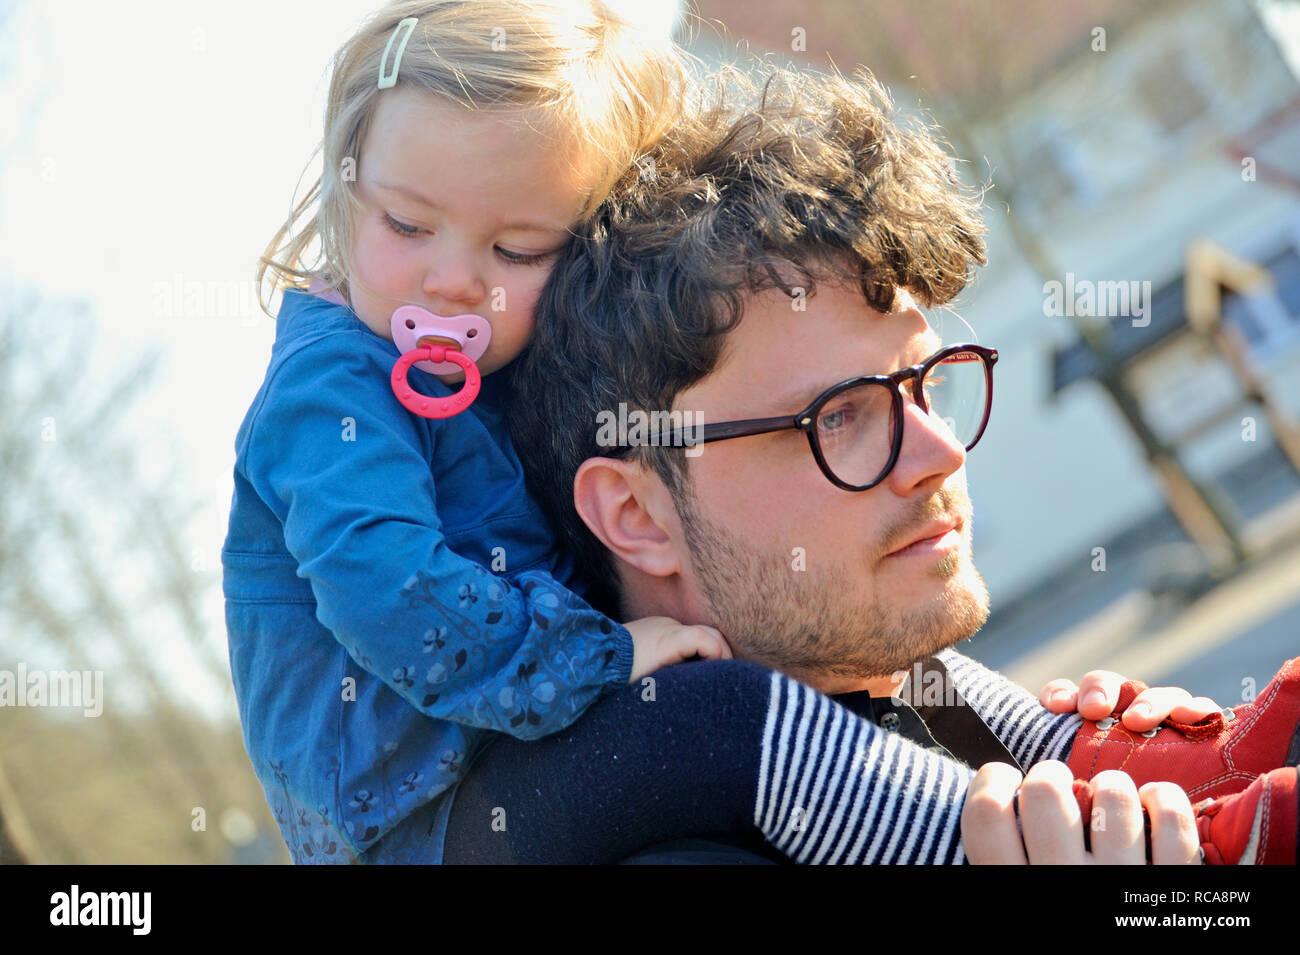 Kleikind, Mädchen, 2 Jahre alt, sitzt beim Vater huckepack auf der Schulter   Bambino è piggybacked dal suo padre Immagini Stock